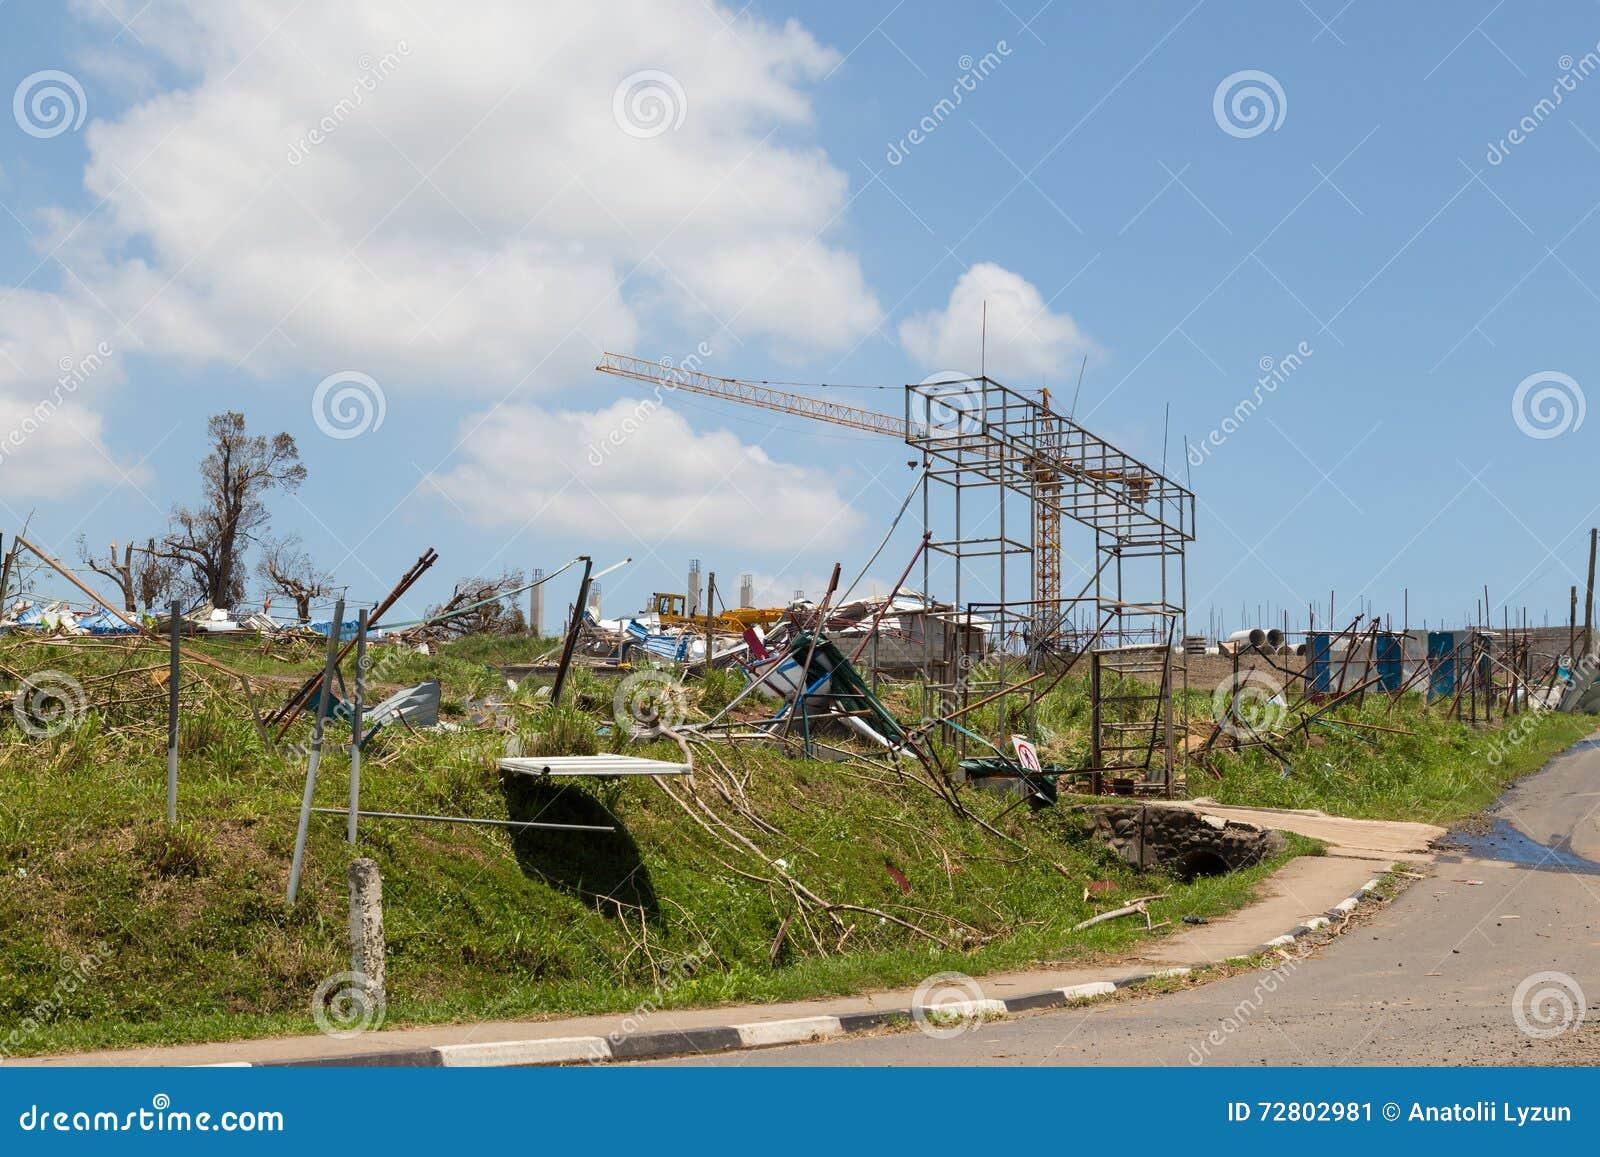 Destruição causada pelo ciclone tropical Winston fiji